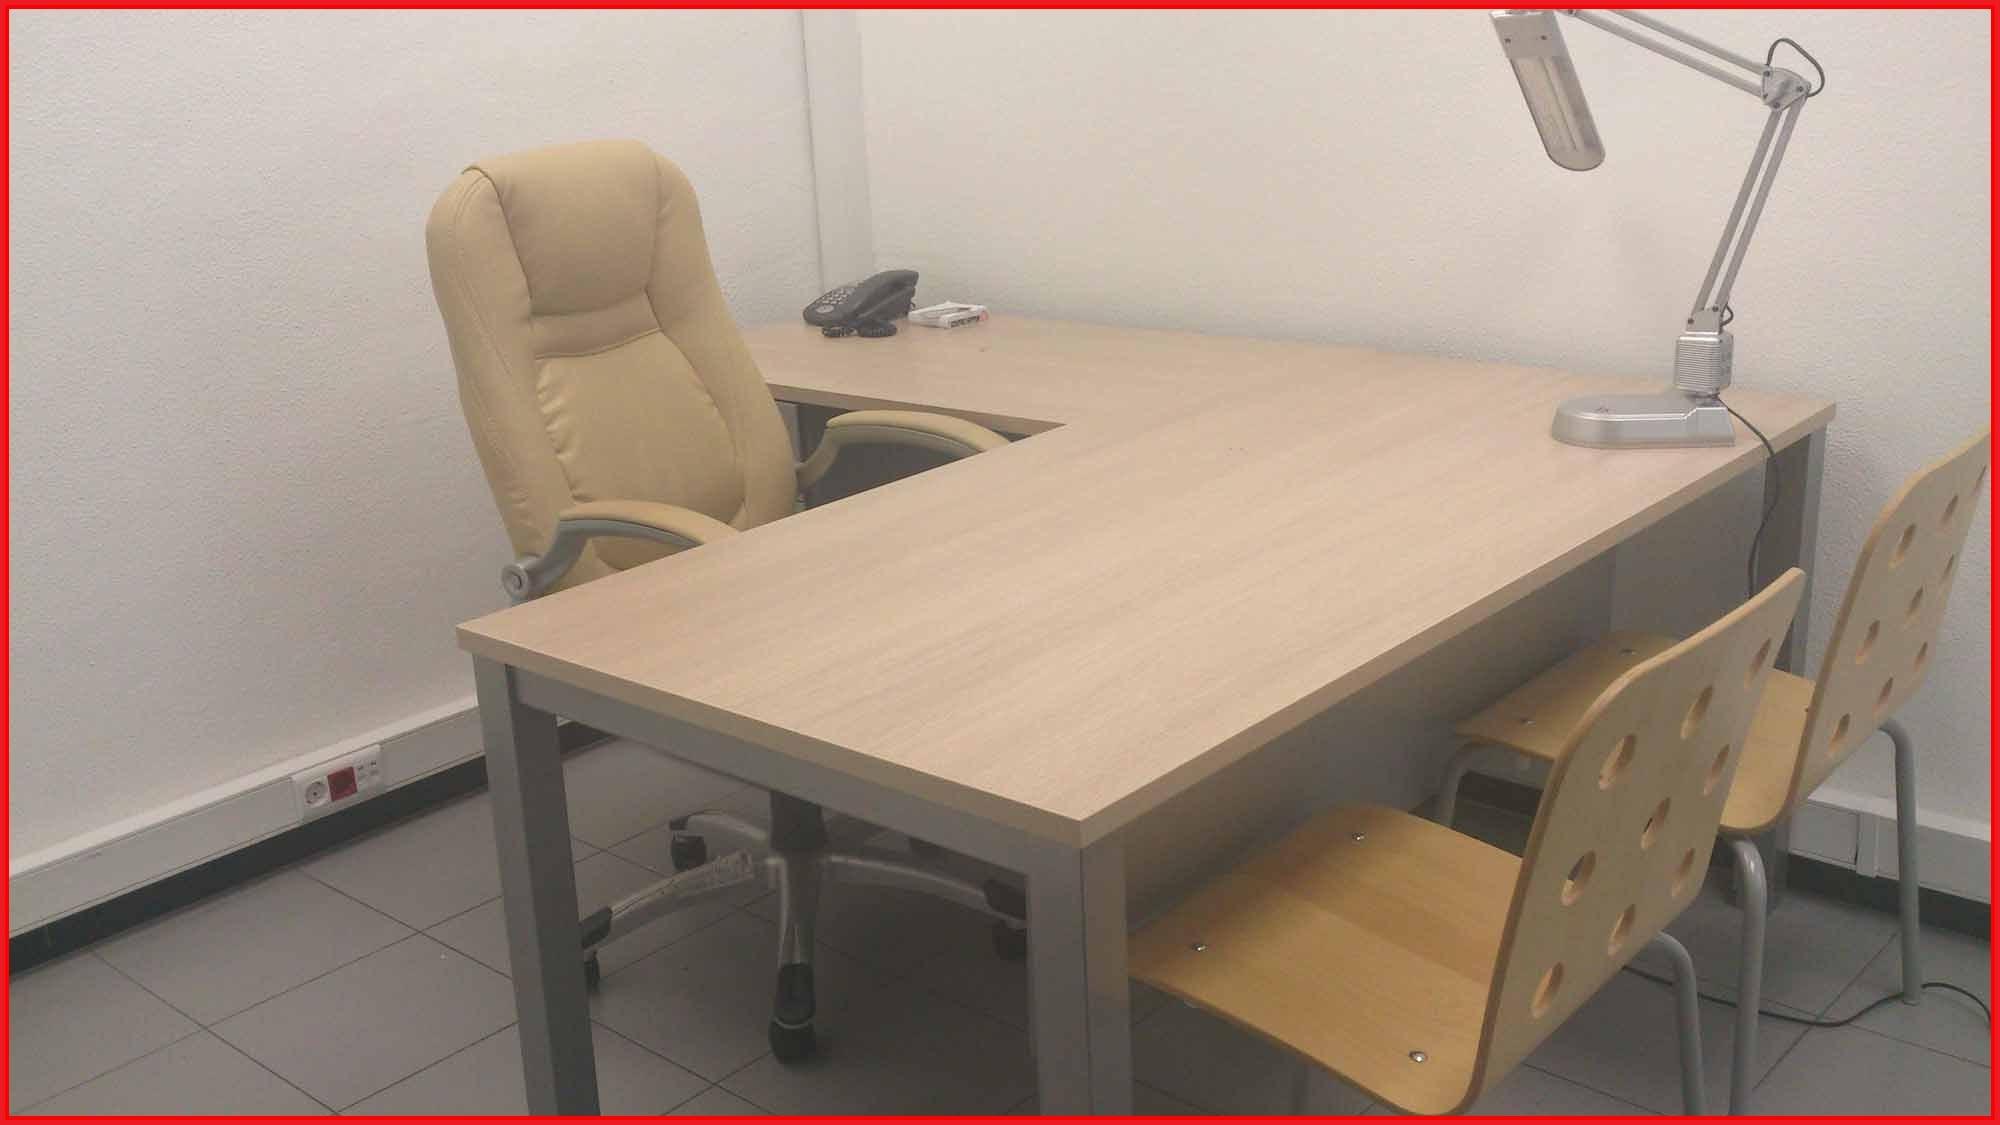 Mesas Escritorio Ikea | Ikea Mesas De Escritorio Qwdq Mesas Ikea ...